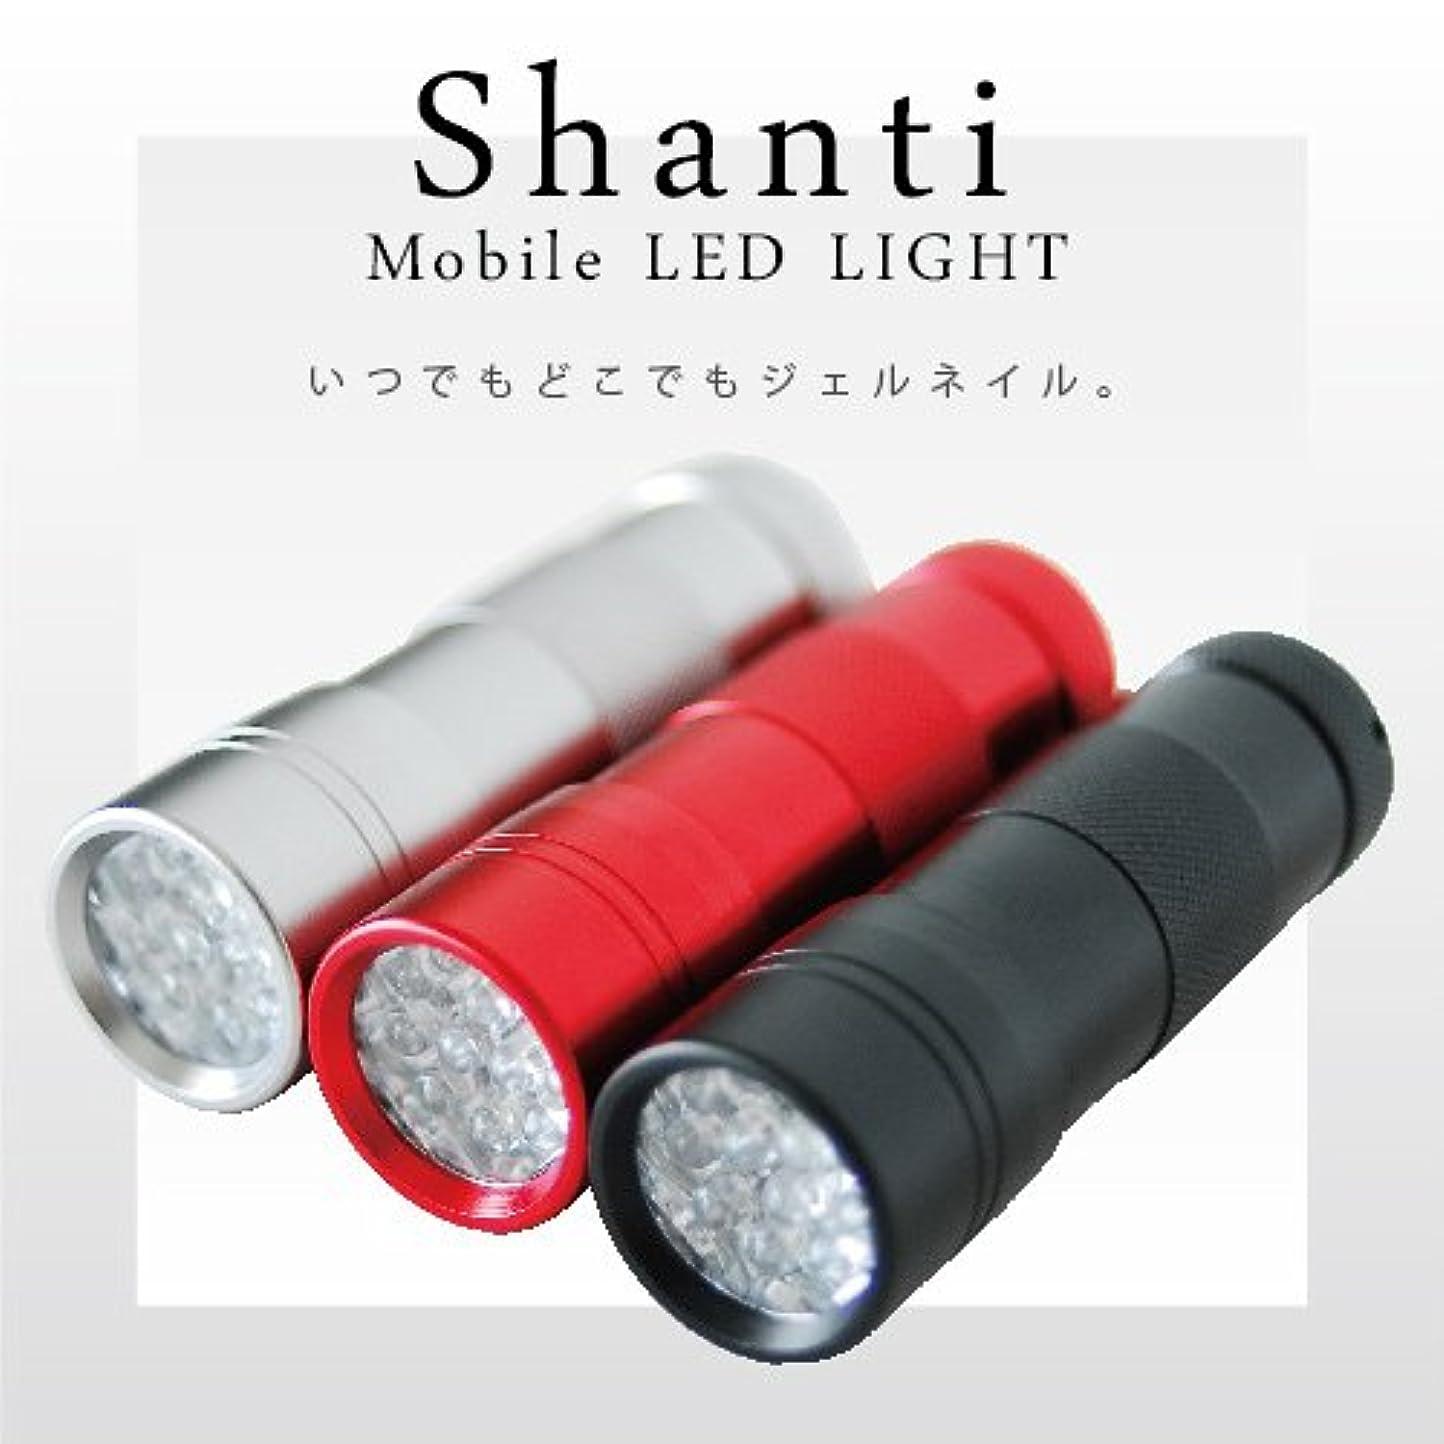 要塞またはどちらかエスカレータージェルネイル用UVライト ペン型LEDライト Shanti Mobile LED ペン型ポータブルLEDライト カラー:シルバー  携帯用ハンドライト